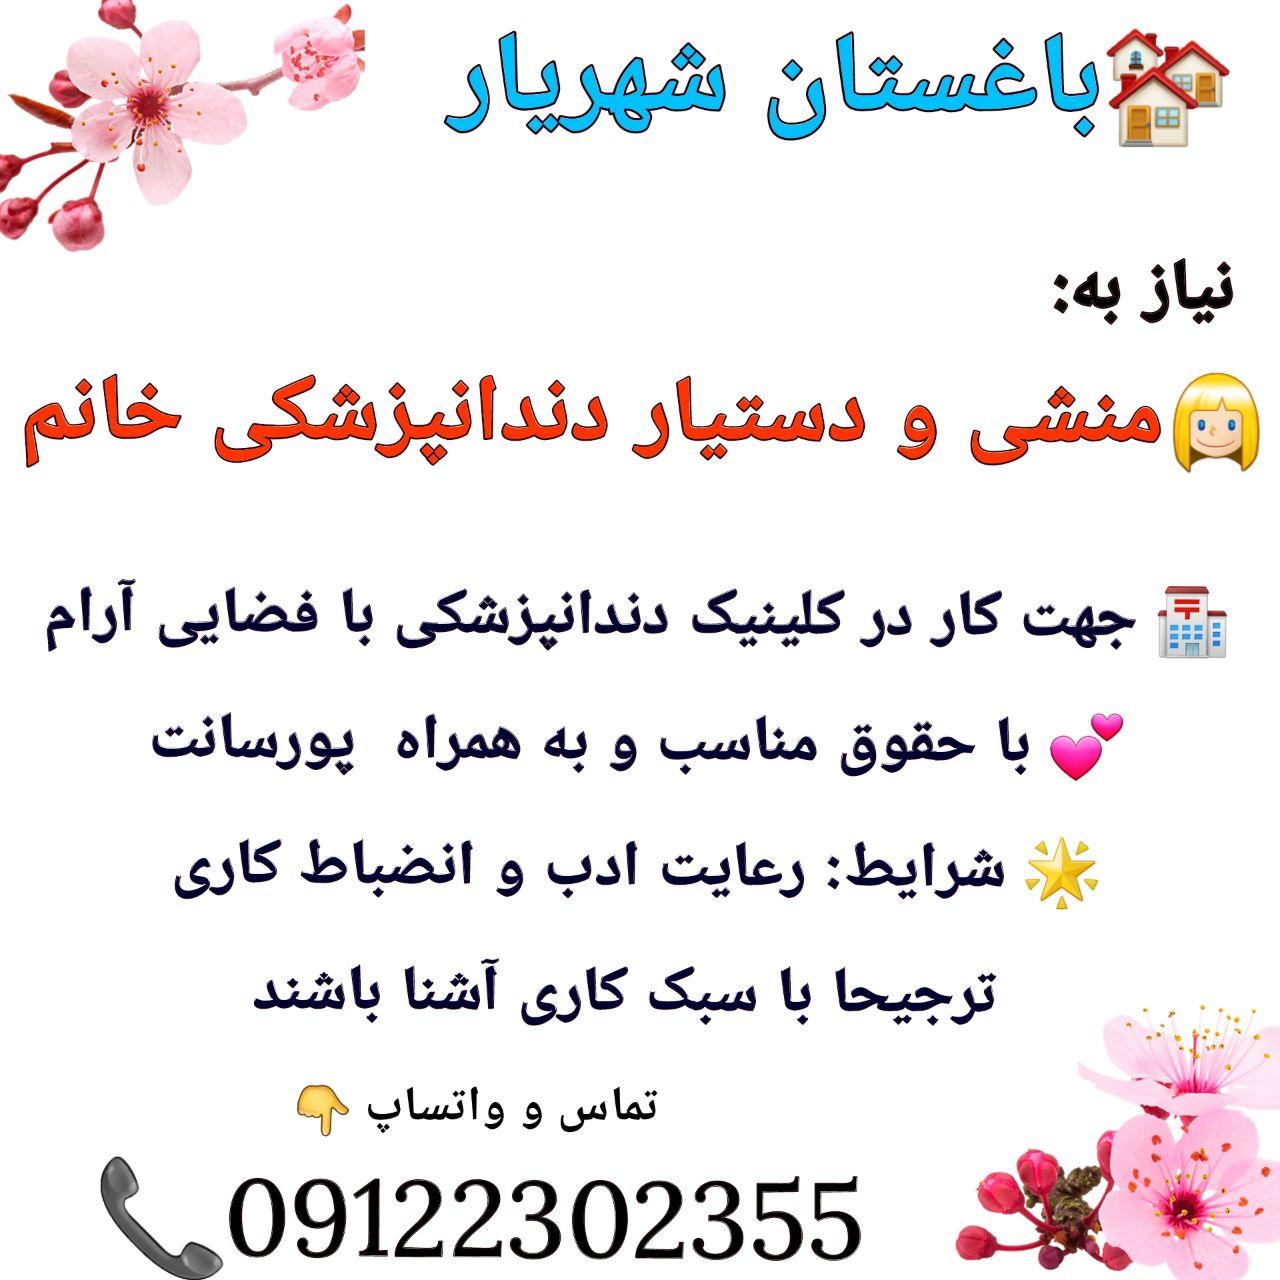 باغستان: شهریار، نیاز به منشی و دستیار دندانپزشکی خانم